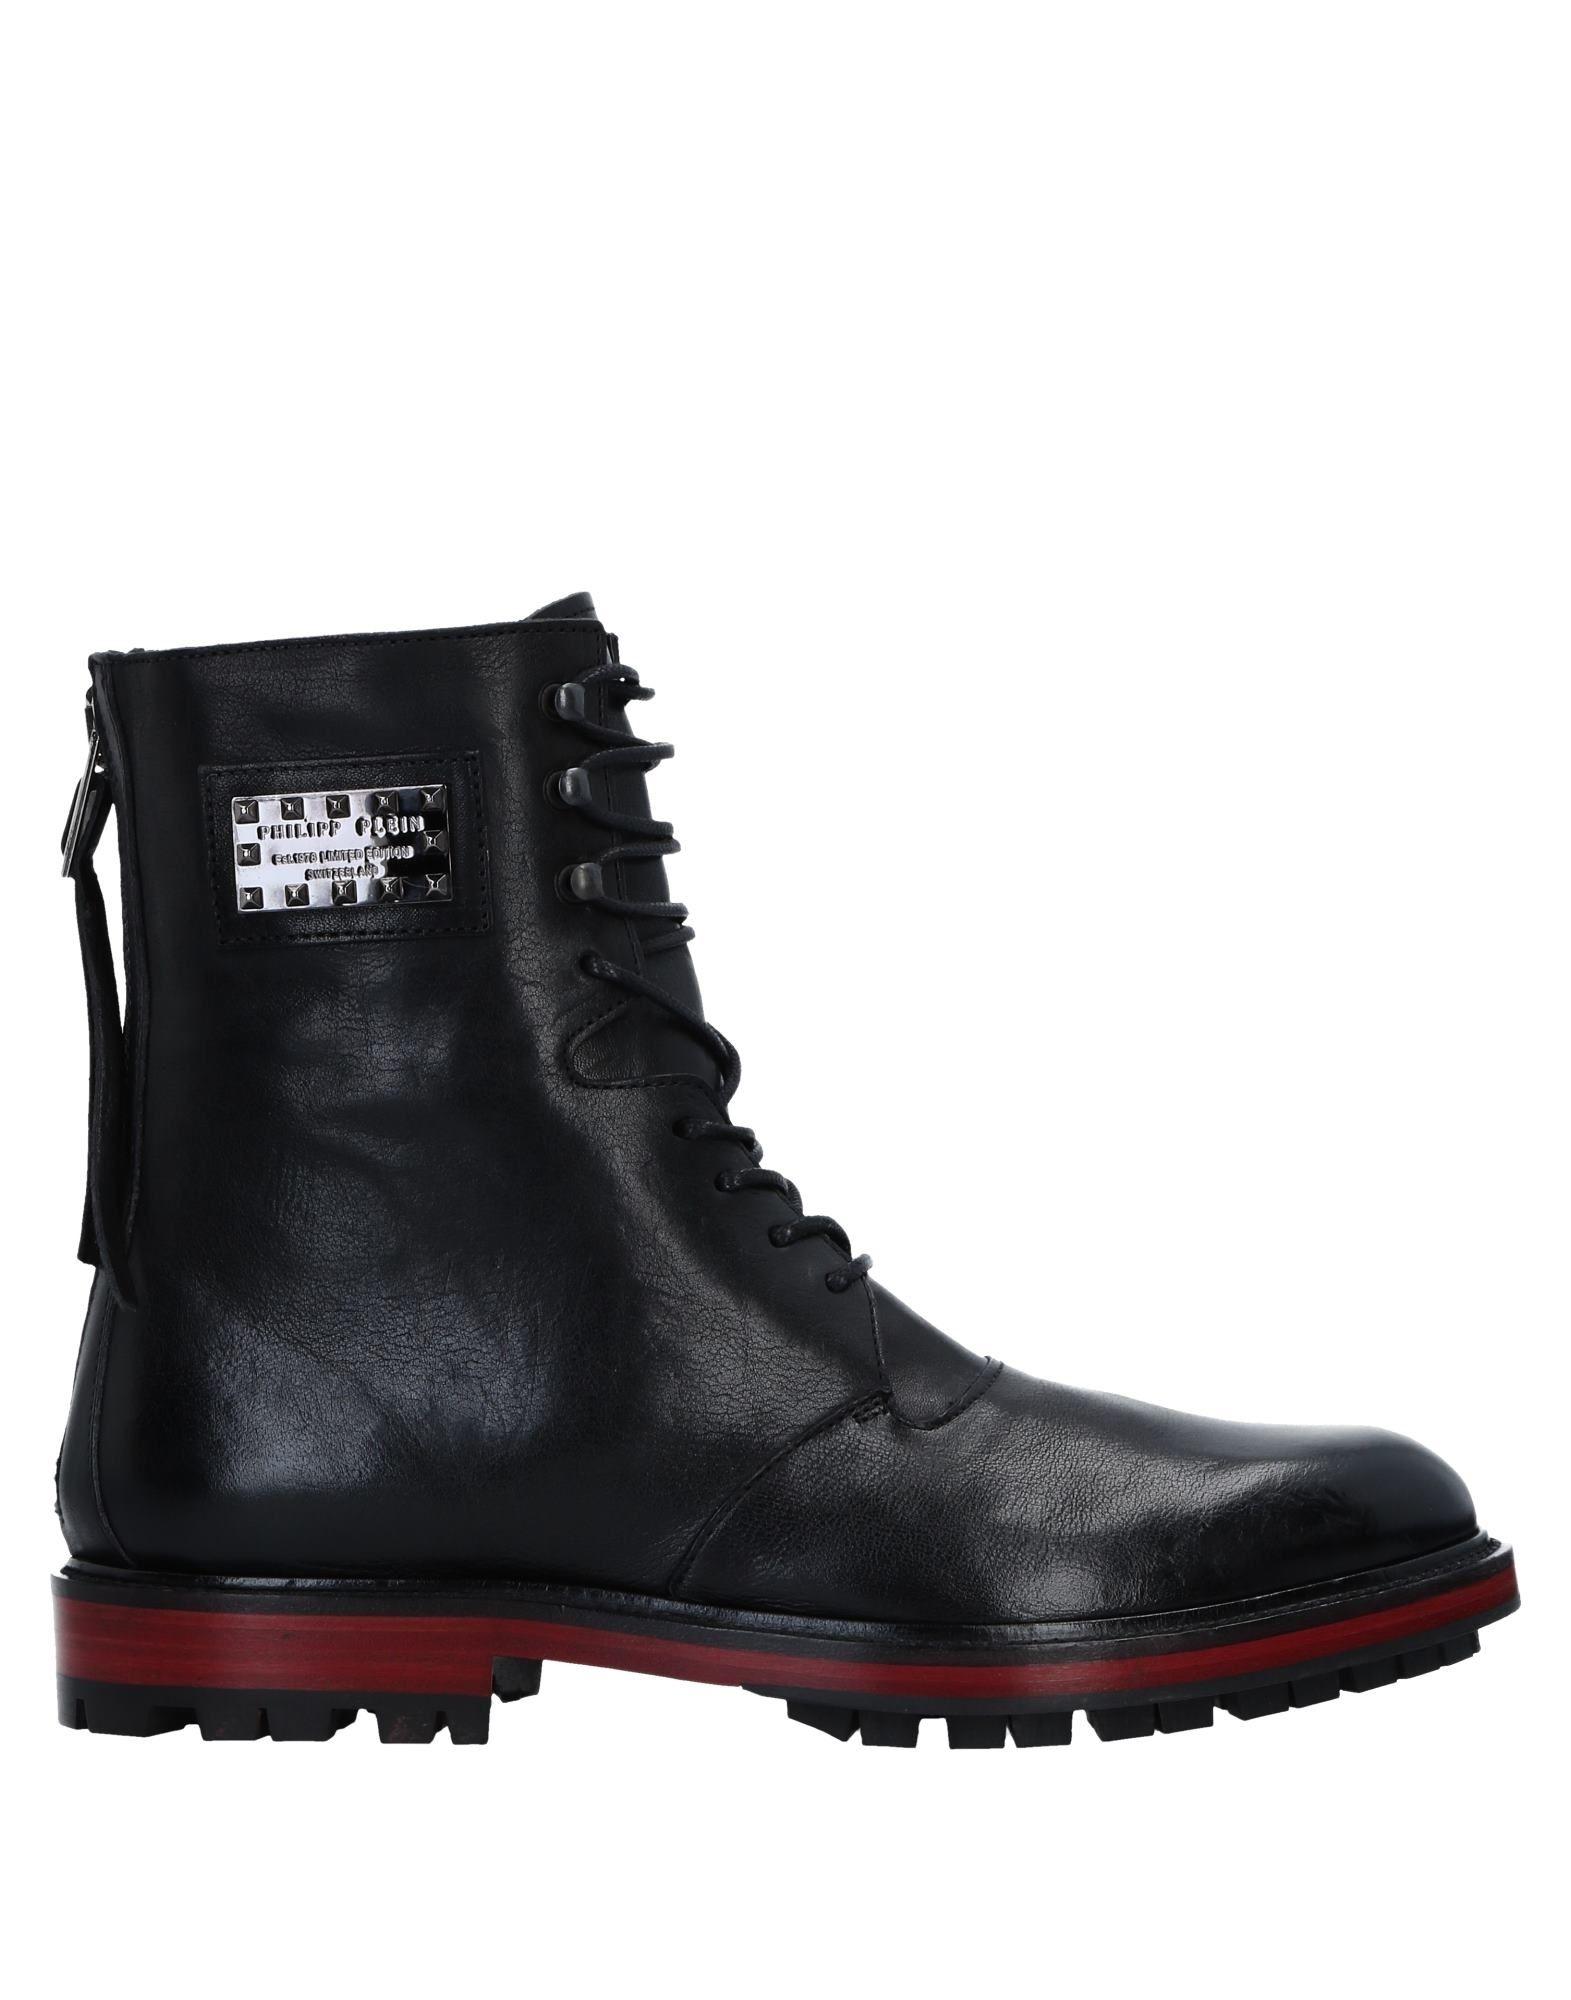 Philipp Plein Stiefelette Herren  11544093MJ Gute Qualität beliebte Schuhe